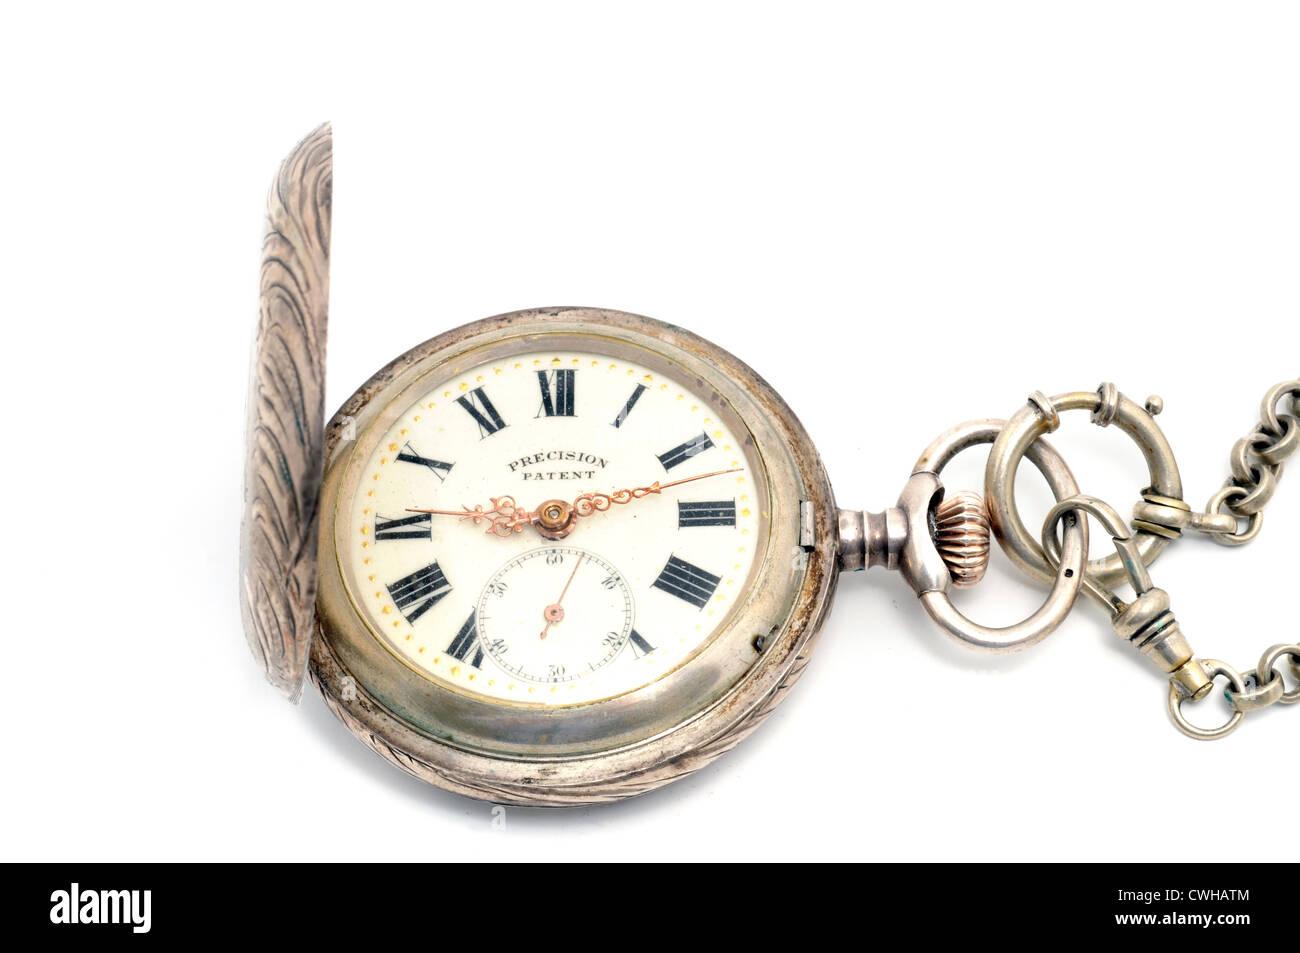 Ancienne montre de poche devant un fond blanc Banque D'Images